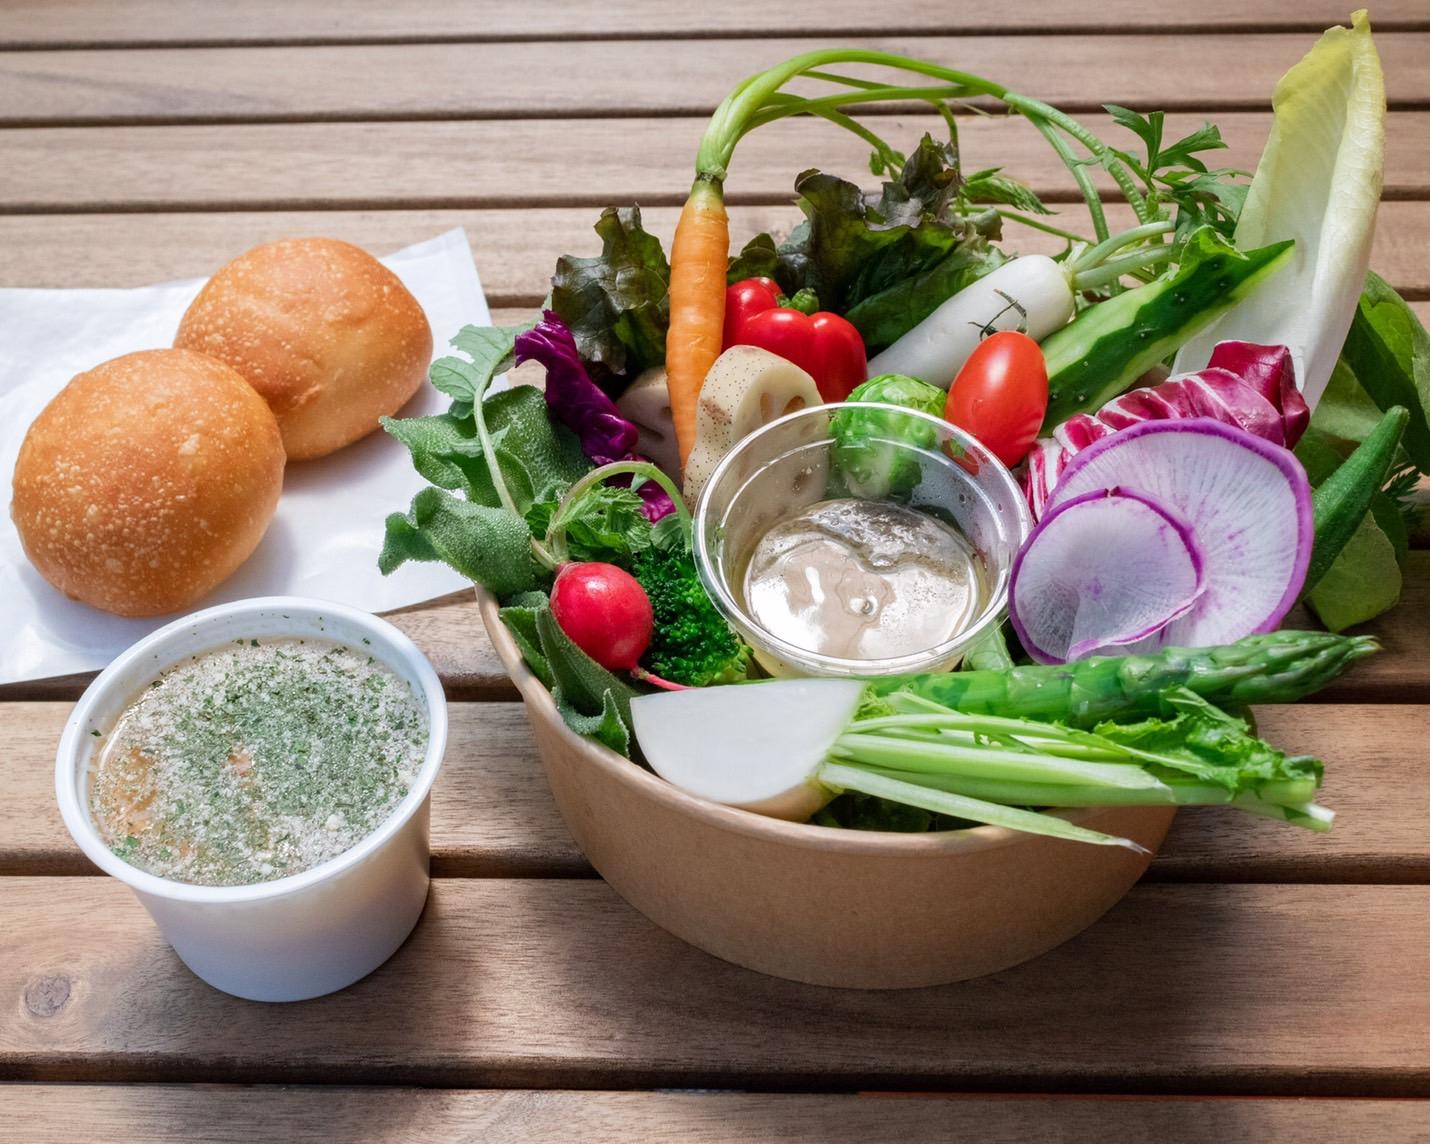 野菜labのバーニャカウダーセット